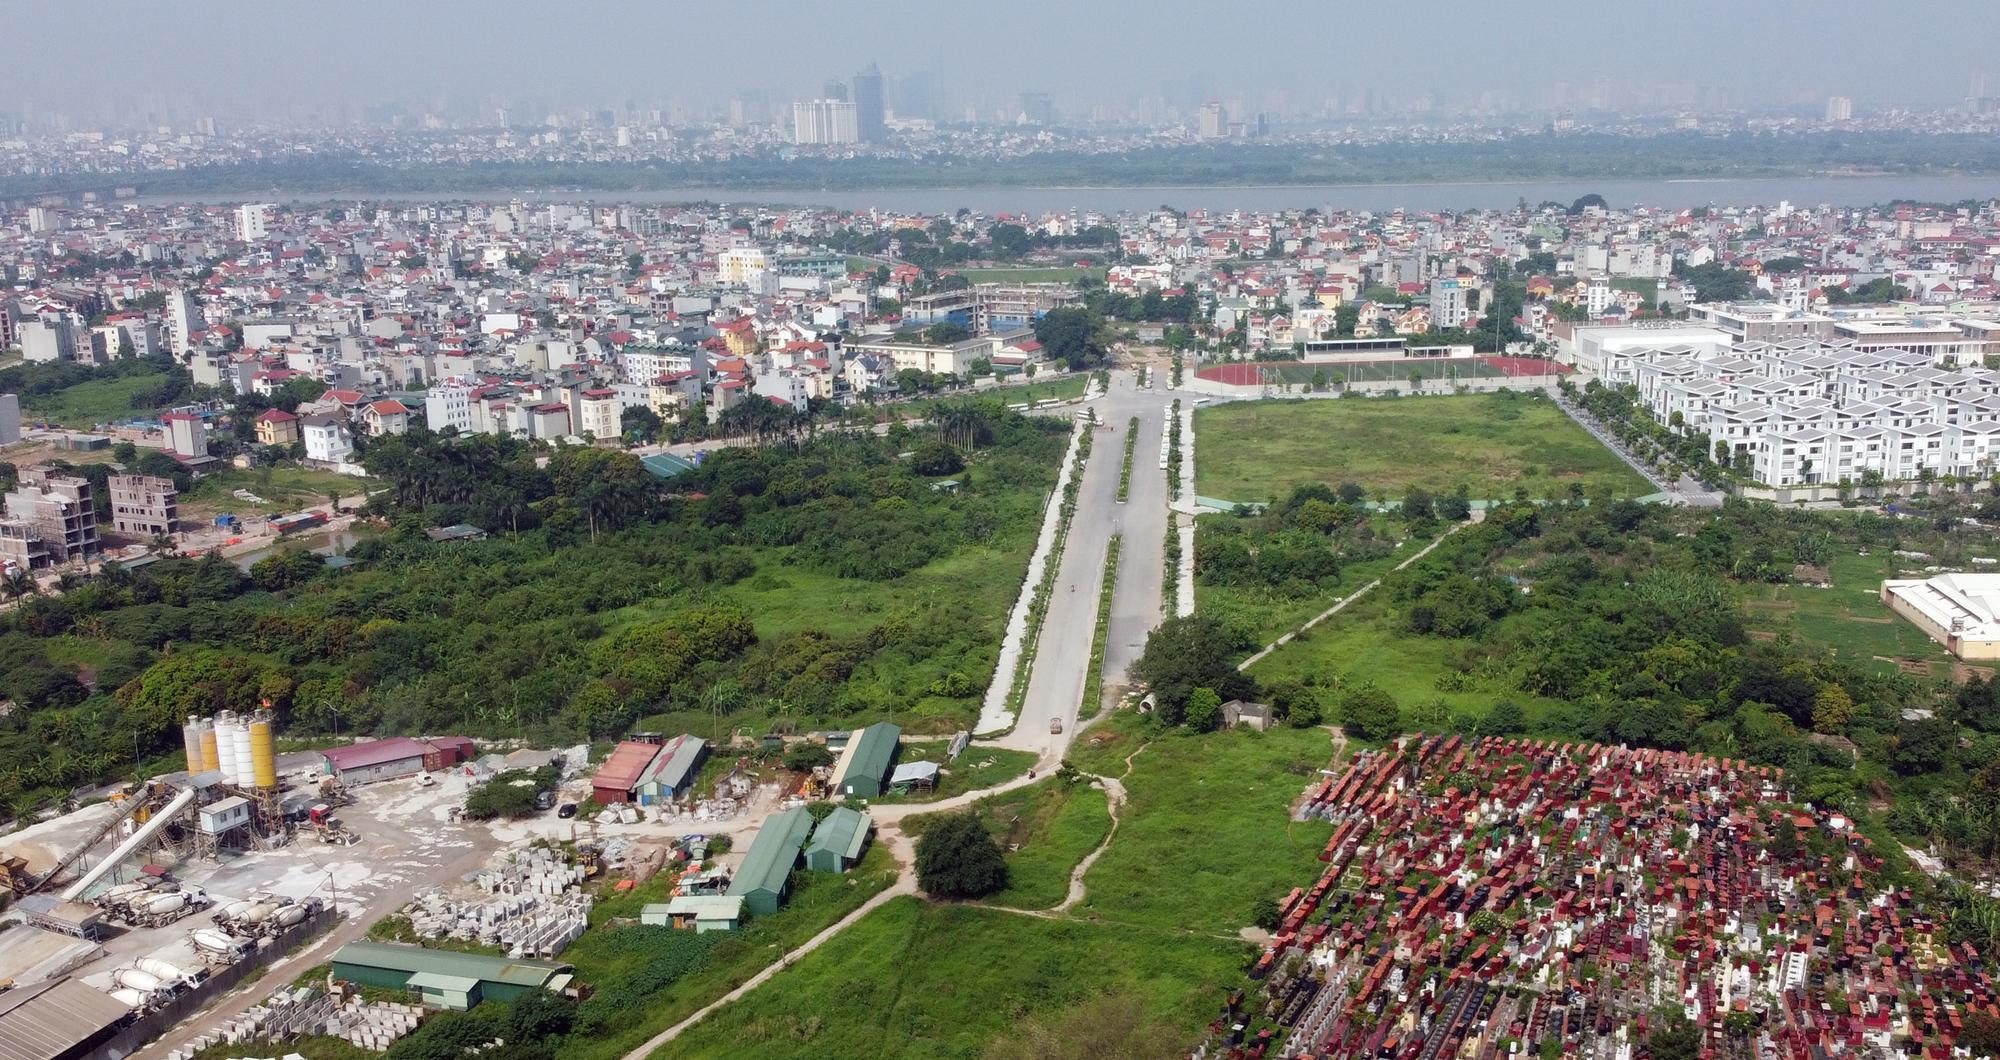 đường sẽ mở theo qui hoạch ở phường Ngọc Thụy, Long Biên, Hà Nội - Ảnh 3.